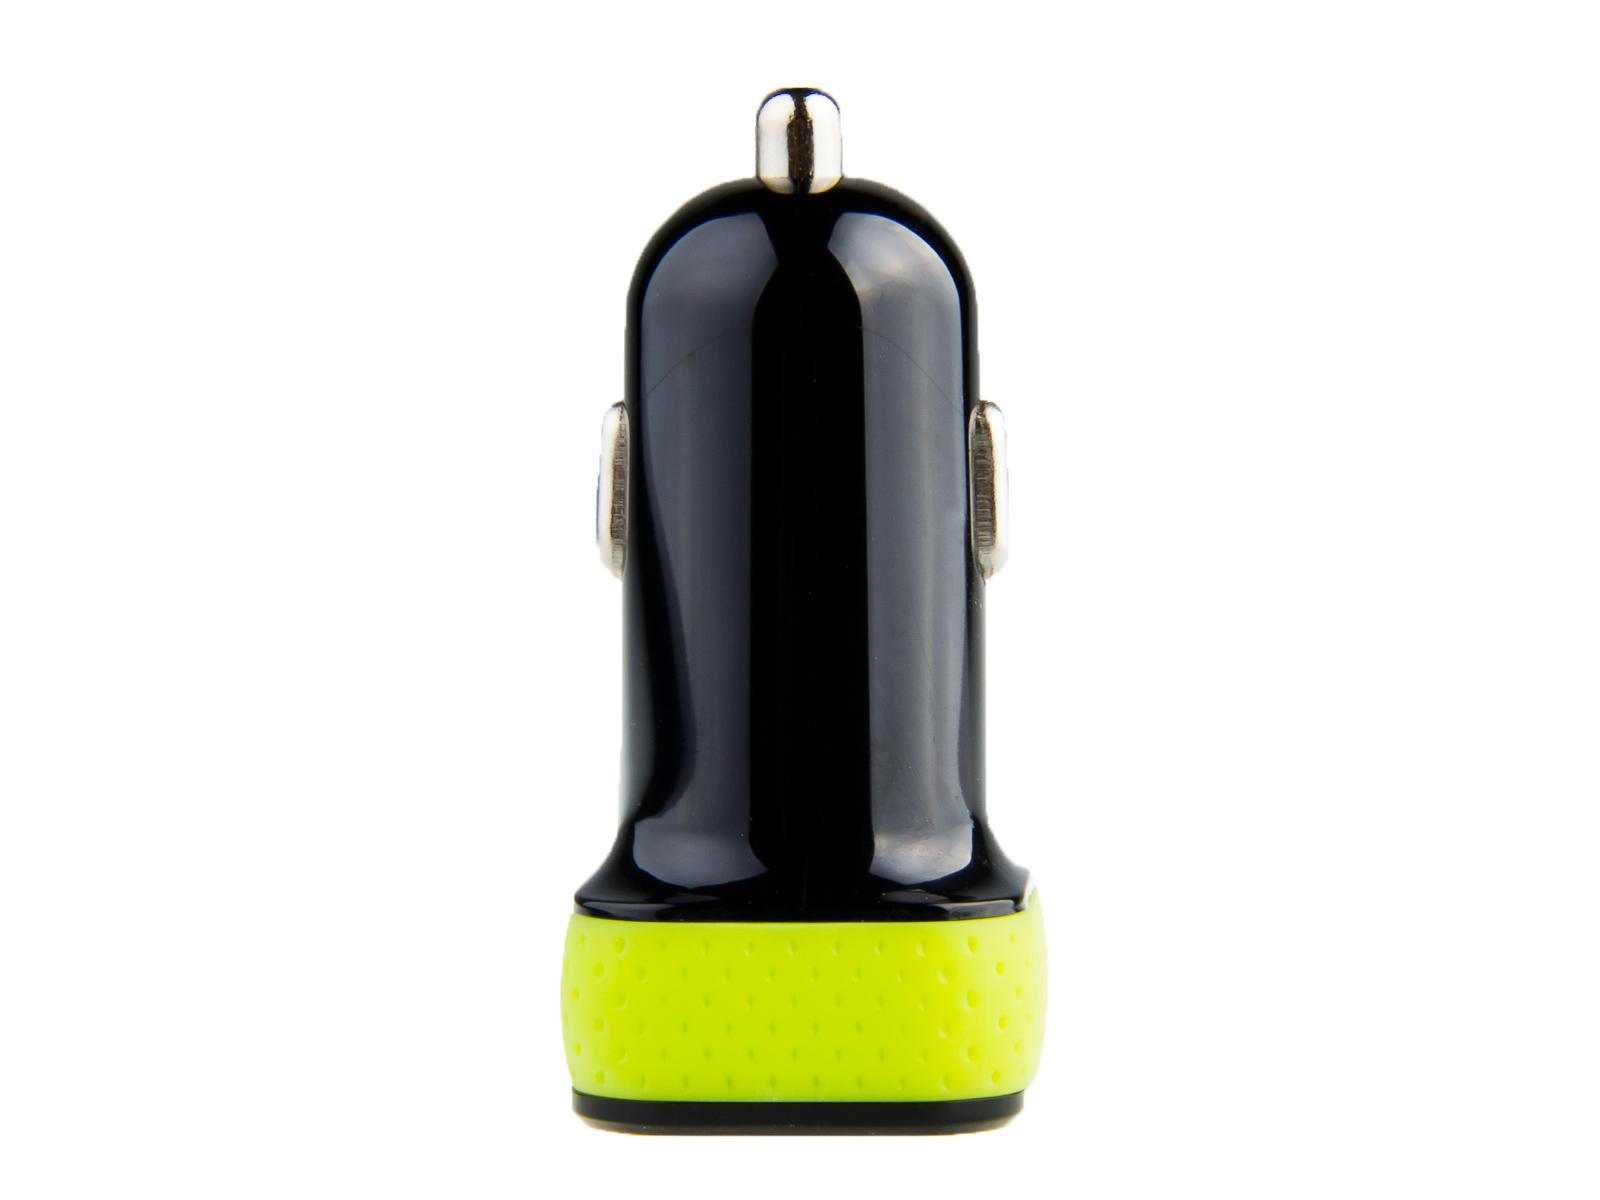 Nabíječka do auta AVACOM NACL-2XKG-21A s dvěma USB výstupy 5V/1A - 2,1A, černo-zelená barva